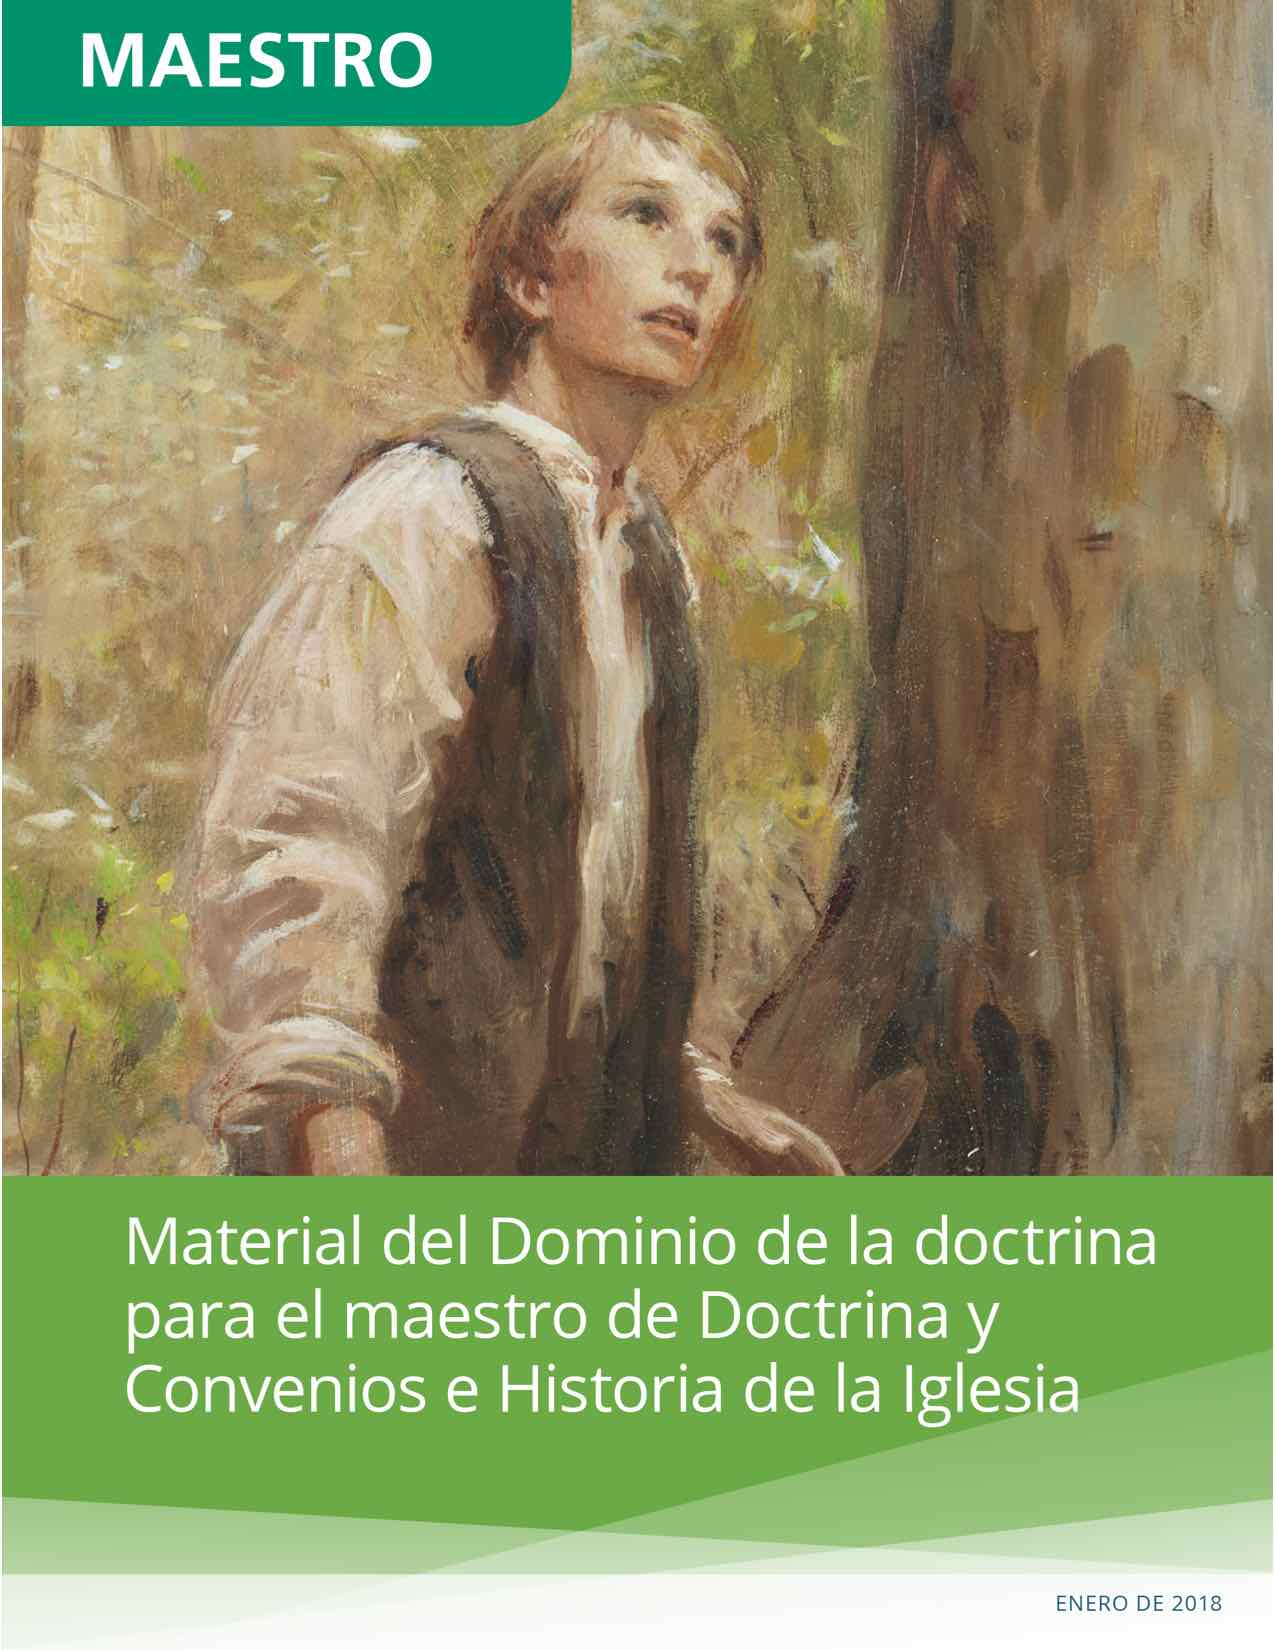 Material del Dominio de la doctrina para el maestro de Doctrina y Convenios e Historia de la Iglesia